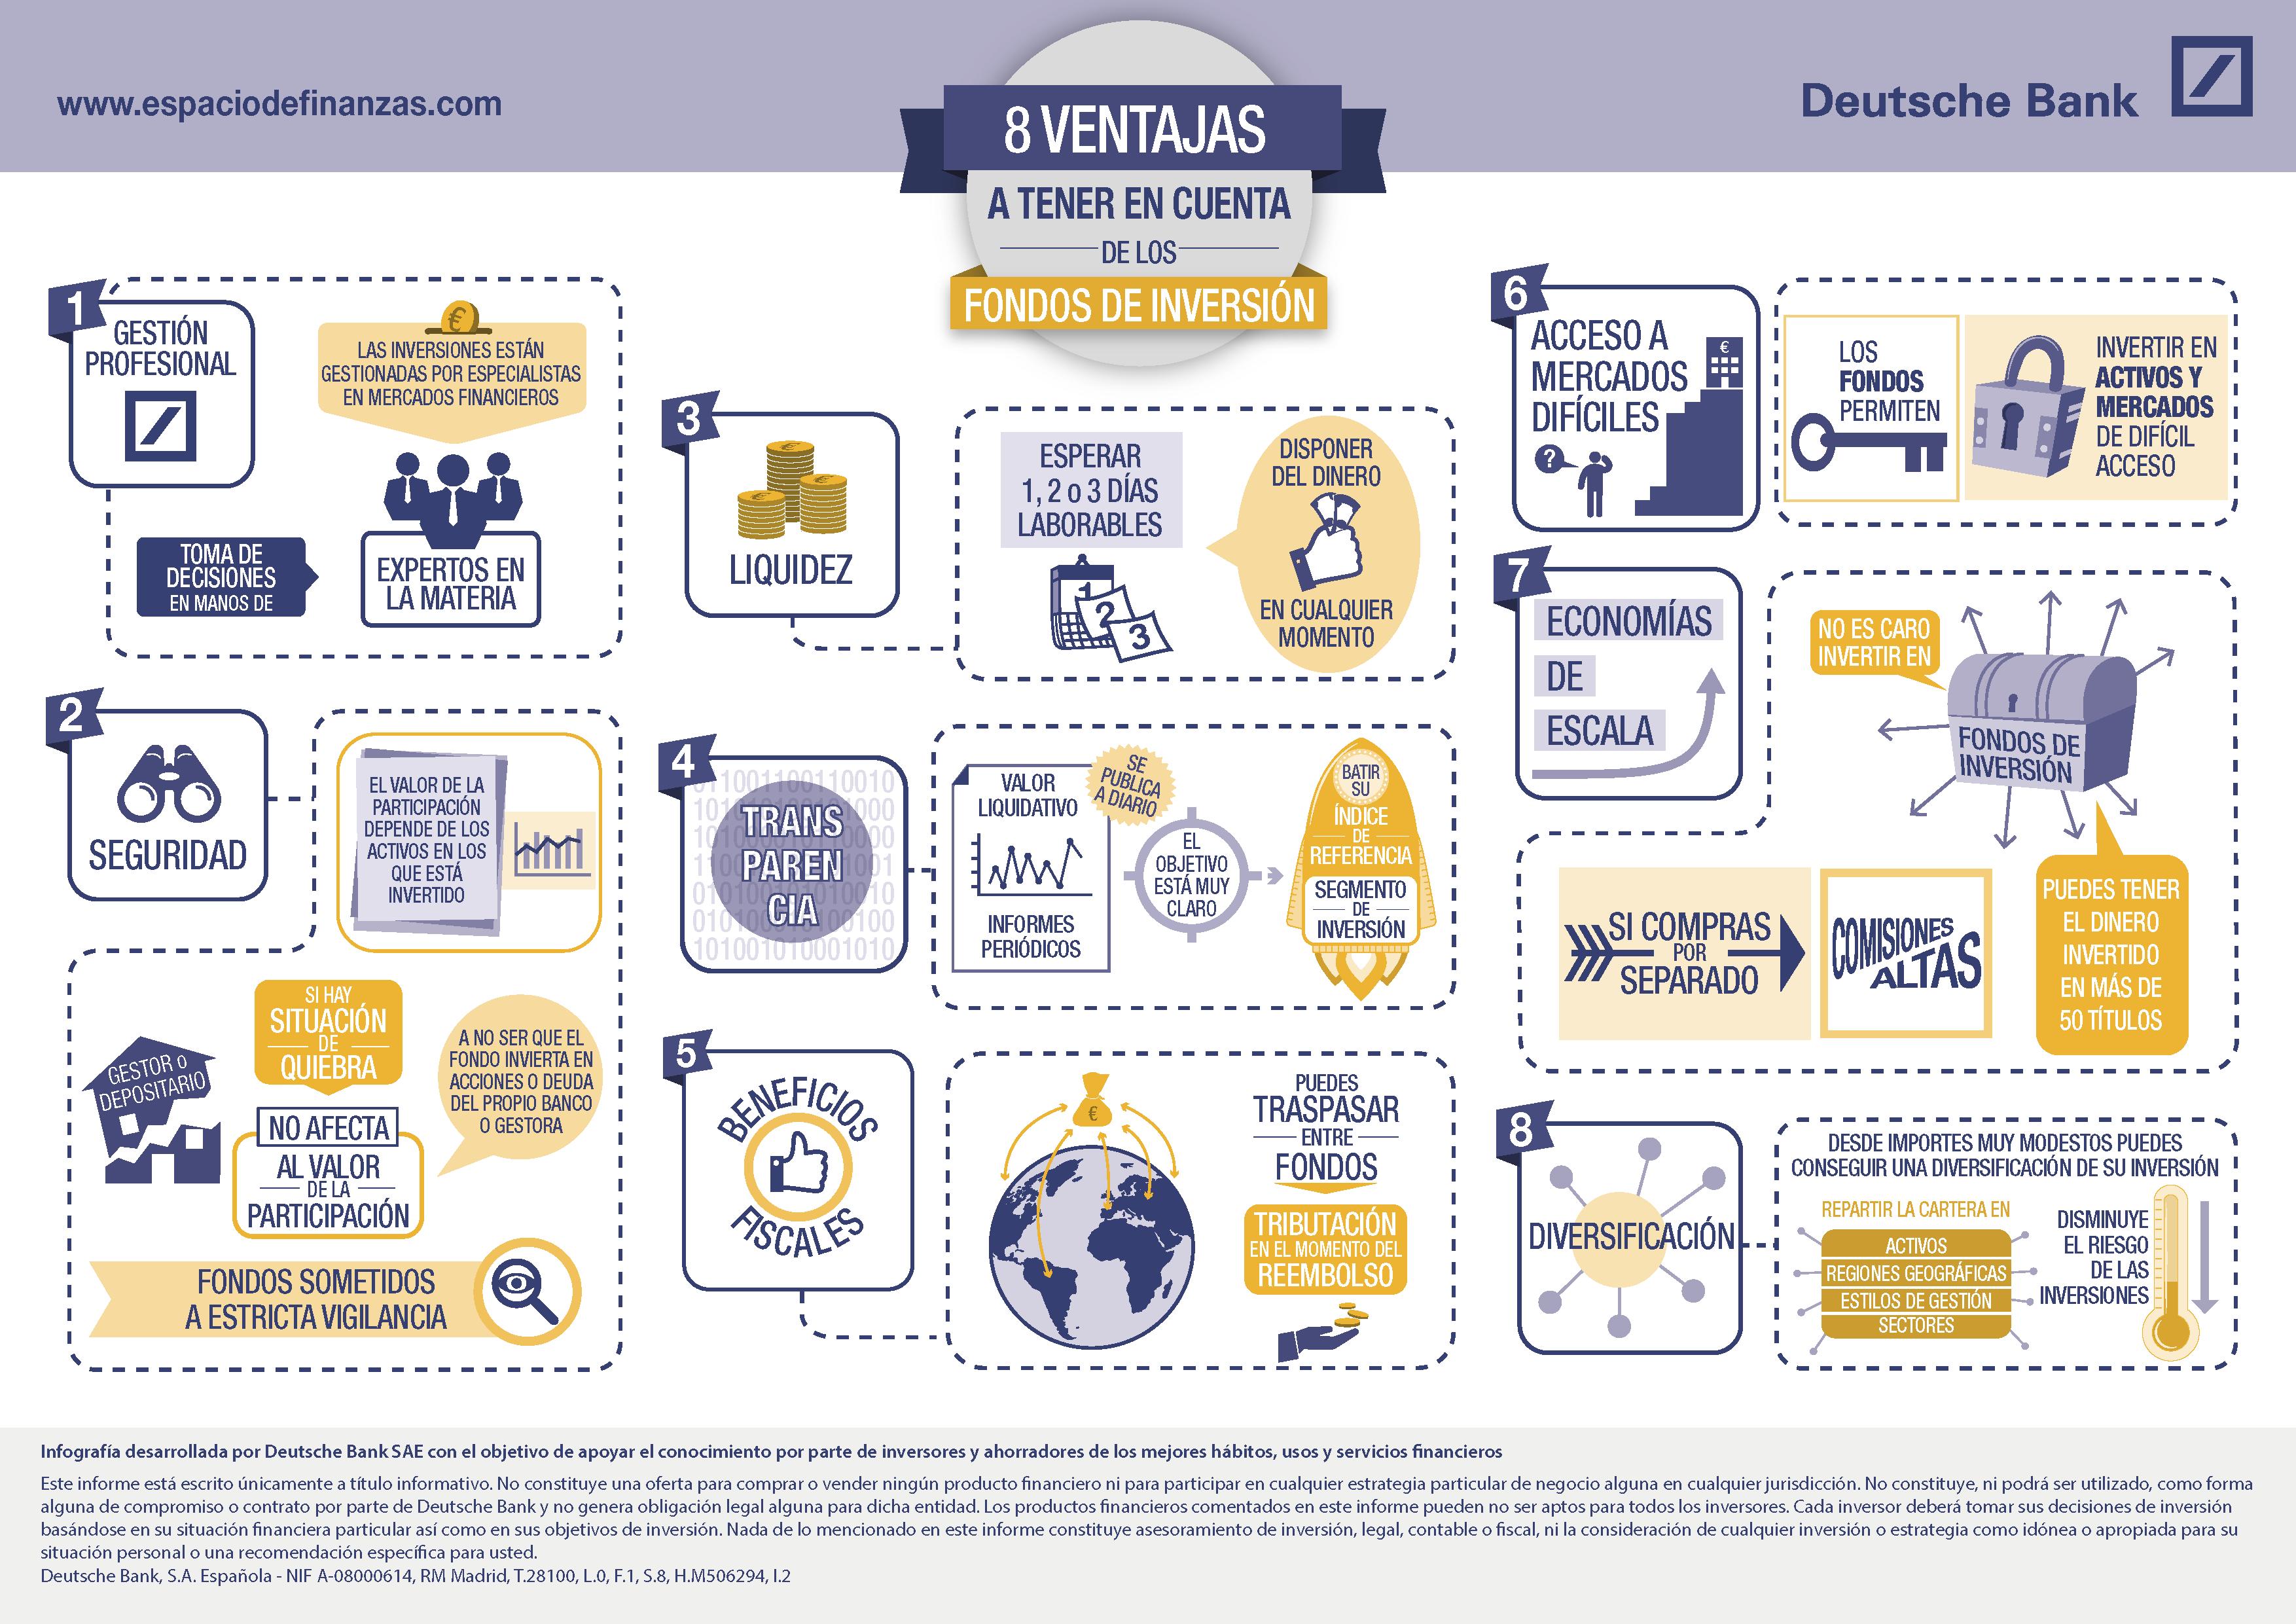 espacio_de_finanzas-ahorro-inversion-8_ventajas_de_invertir_en_fondos (1)